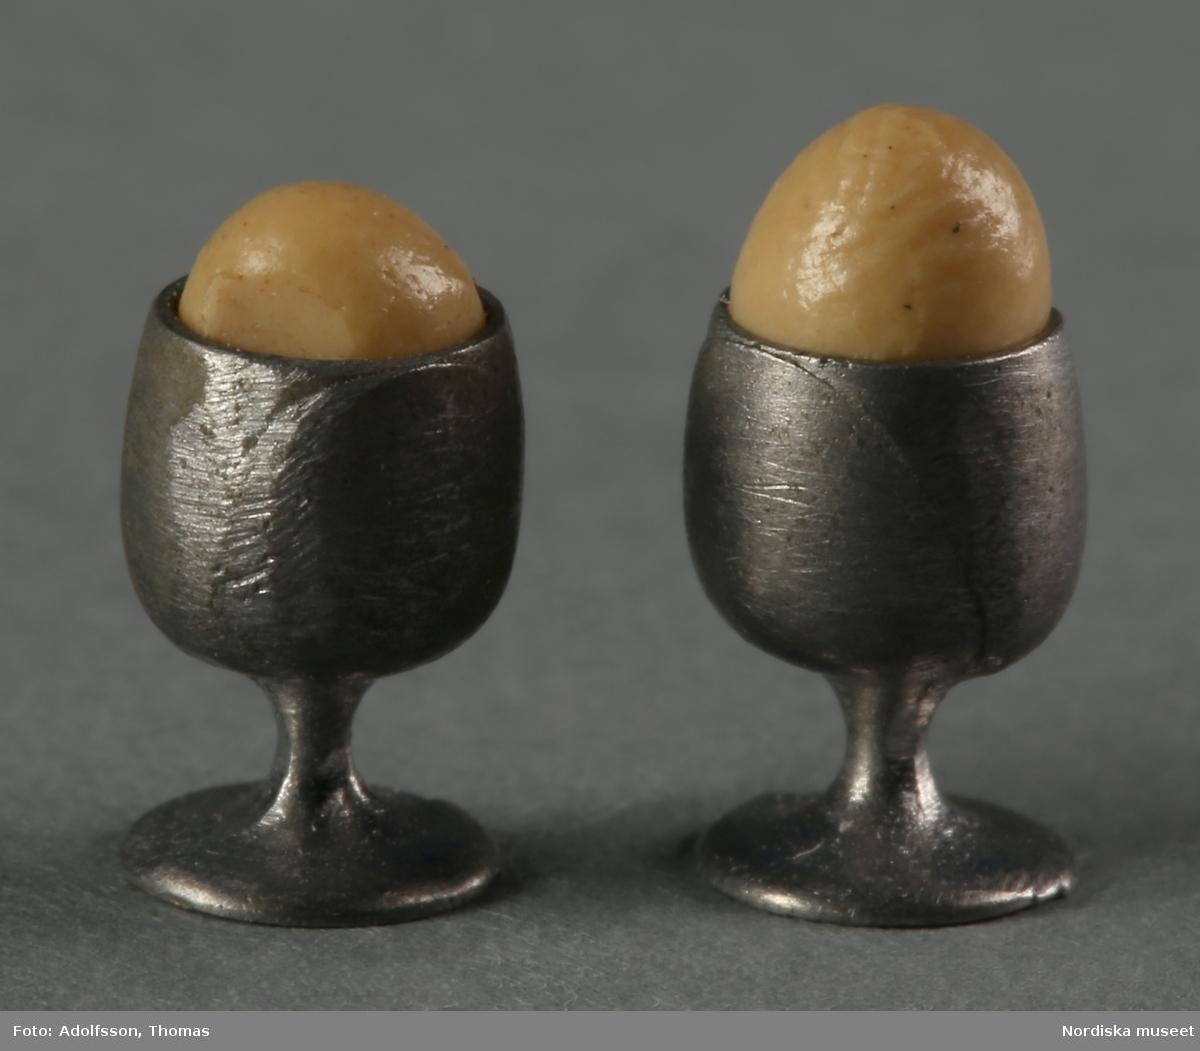 Två äggkoppar av metall med två kokta ägg av trä. Hör till inredningen i frukostrummet på första våningen i dockskåp NM.0331721+. och ska stå på det dukade köksbordet (NM.0333400a).